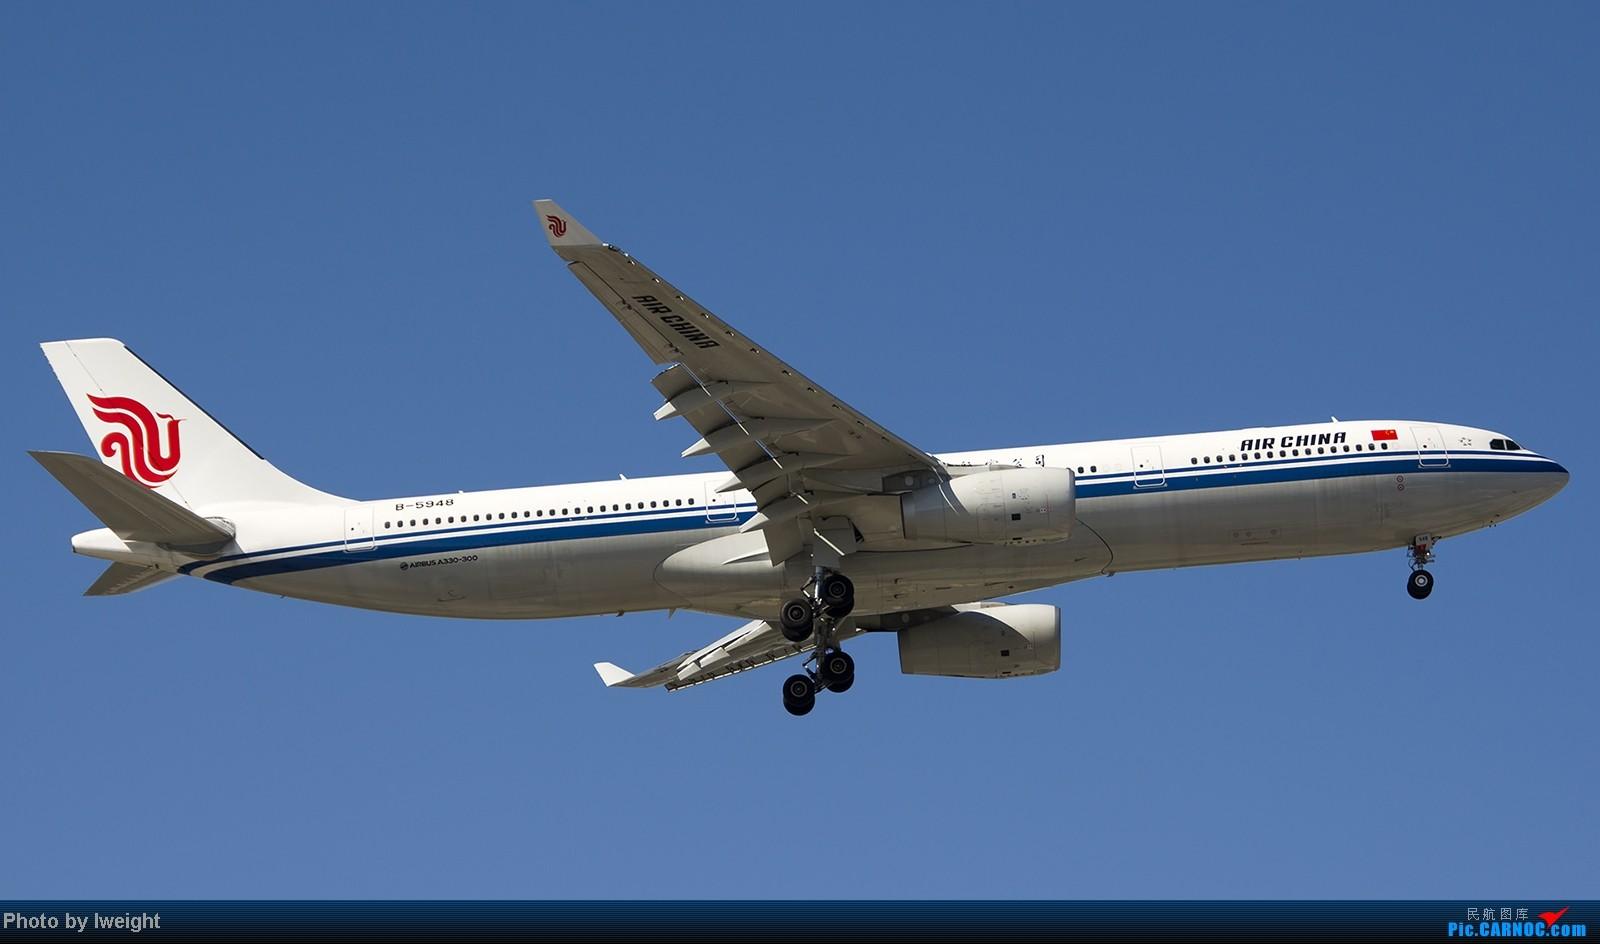 [原创]难得赶上PEK周末好天气,各种常见机型都有收获 AIRBUS A330-300 B-5948 中国北京首都机场